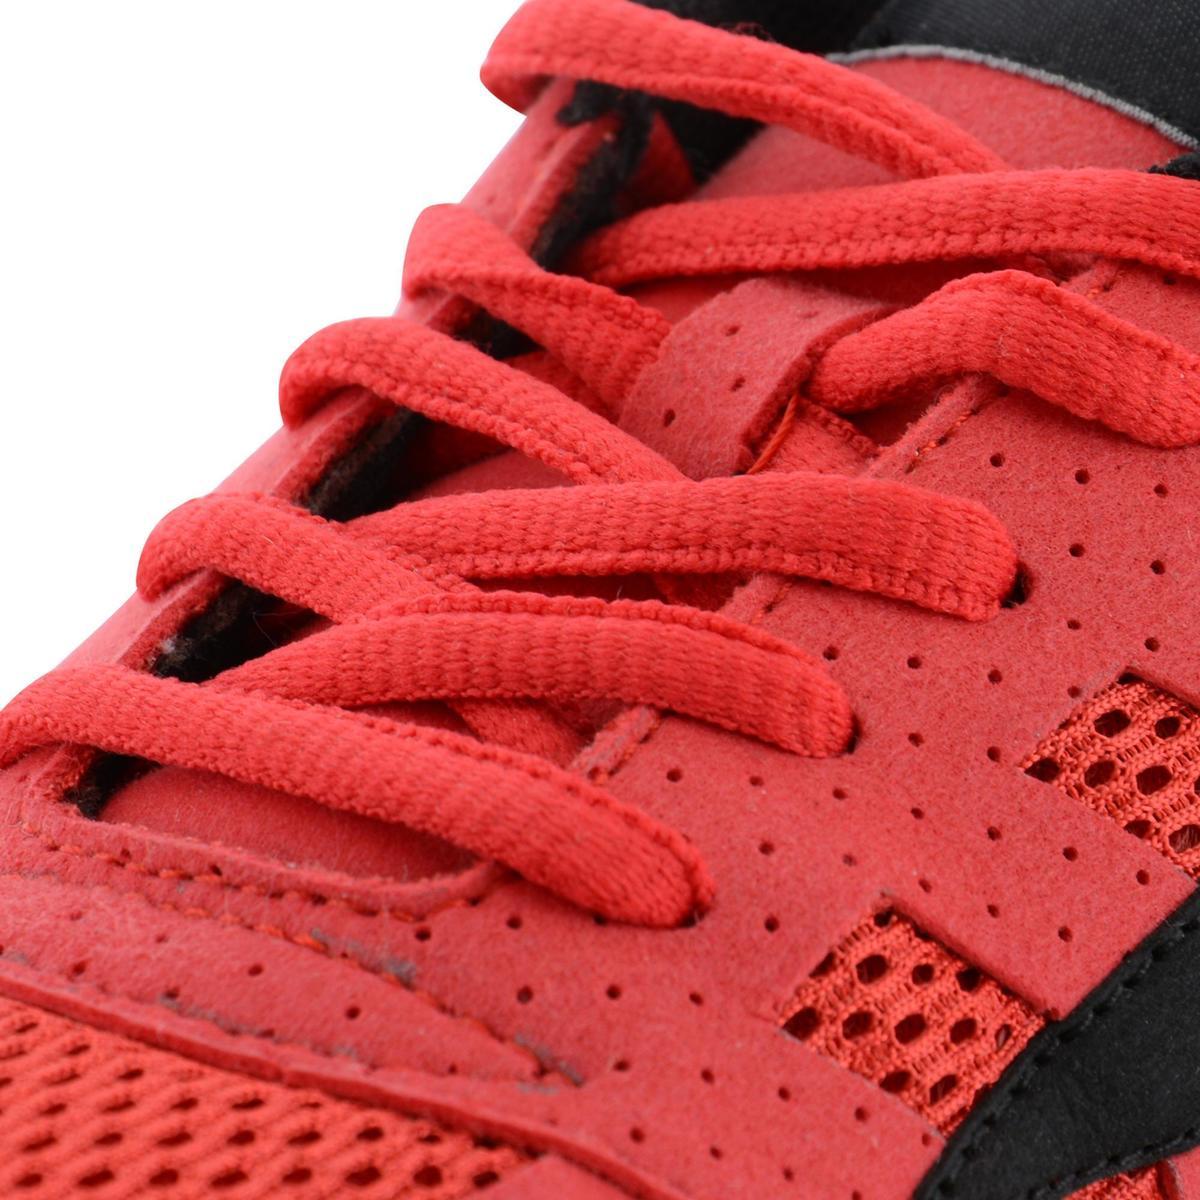 Bild 4 von Tischtennisschuhe Perform rot